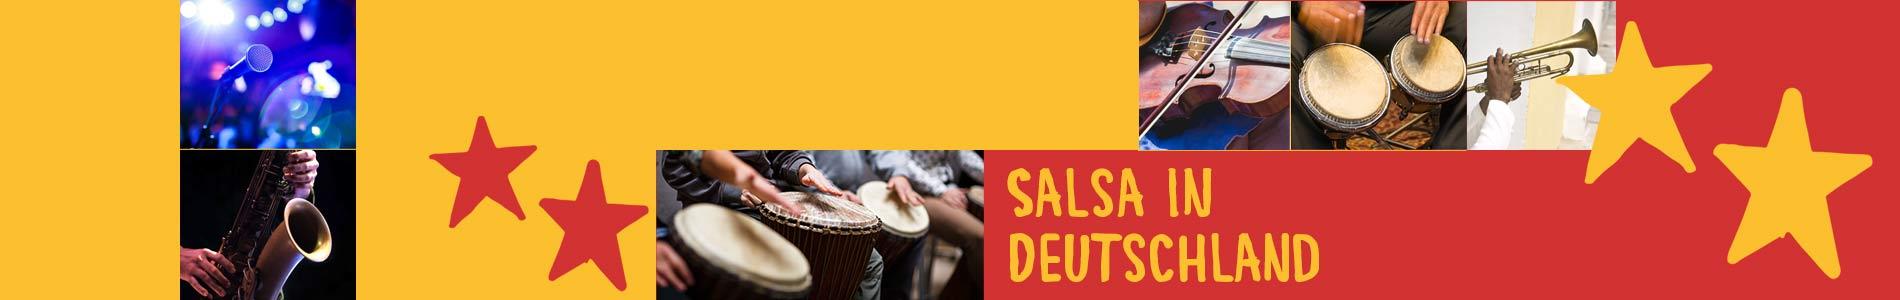 Salsa in Borgfelde – Salsa lernen und tanzen, Tanzkurse, Partys, Veranstaltungen